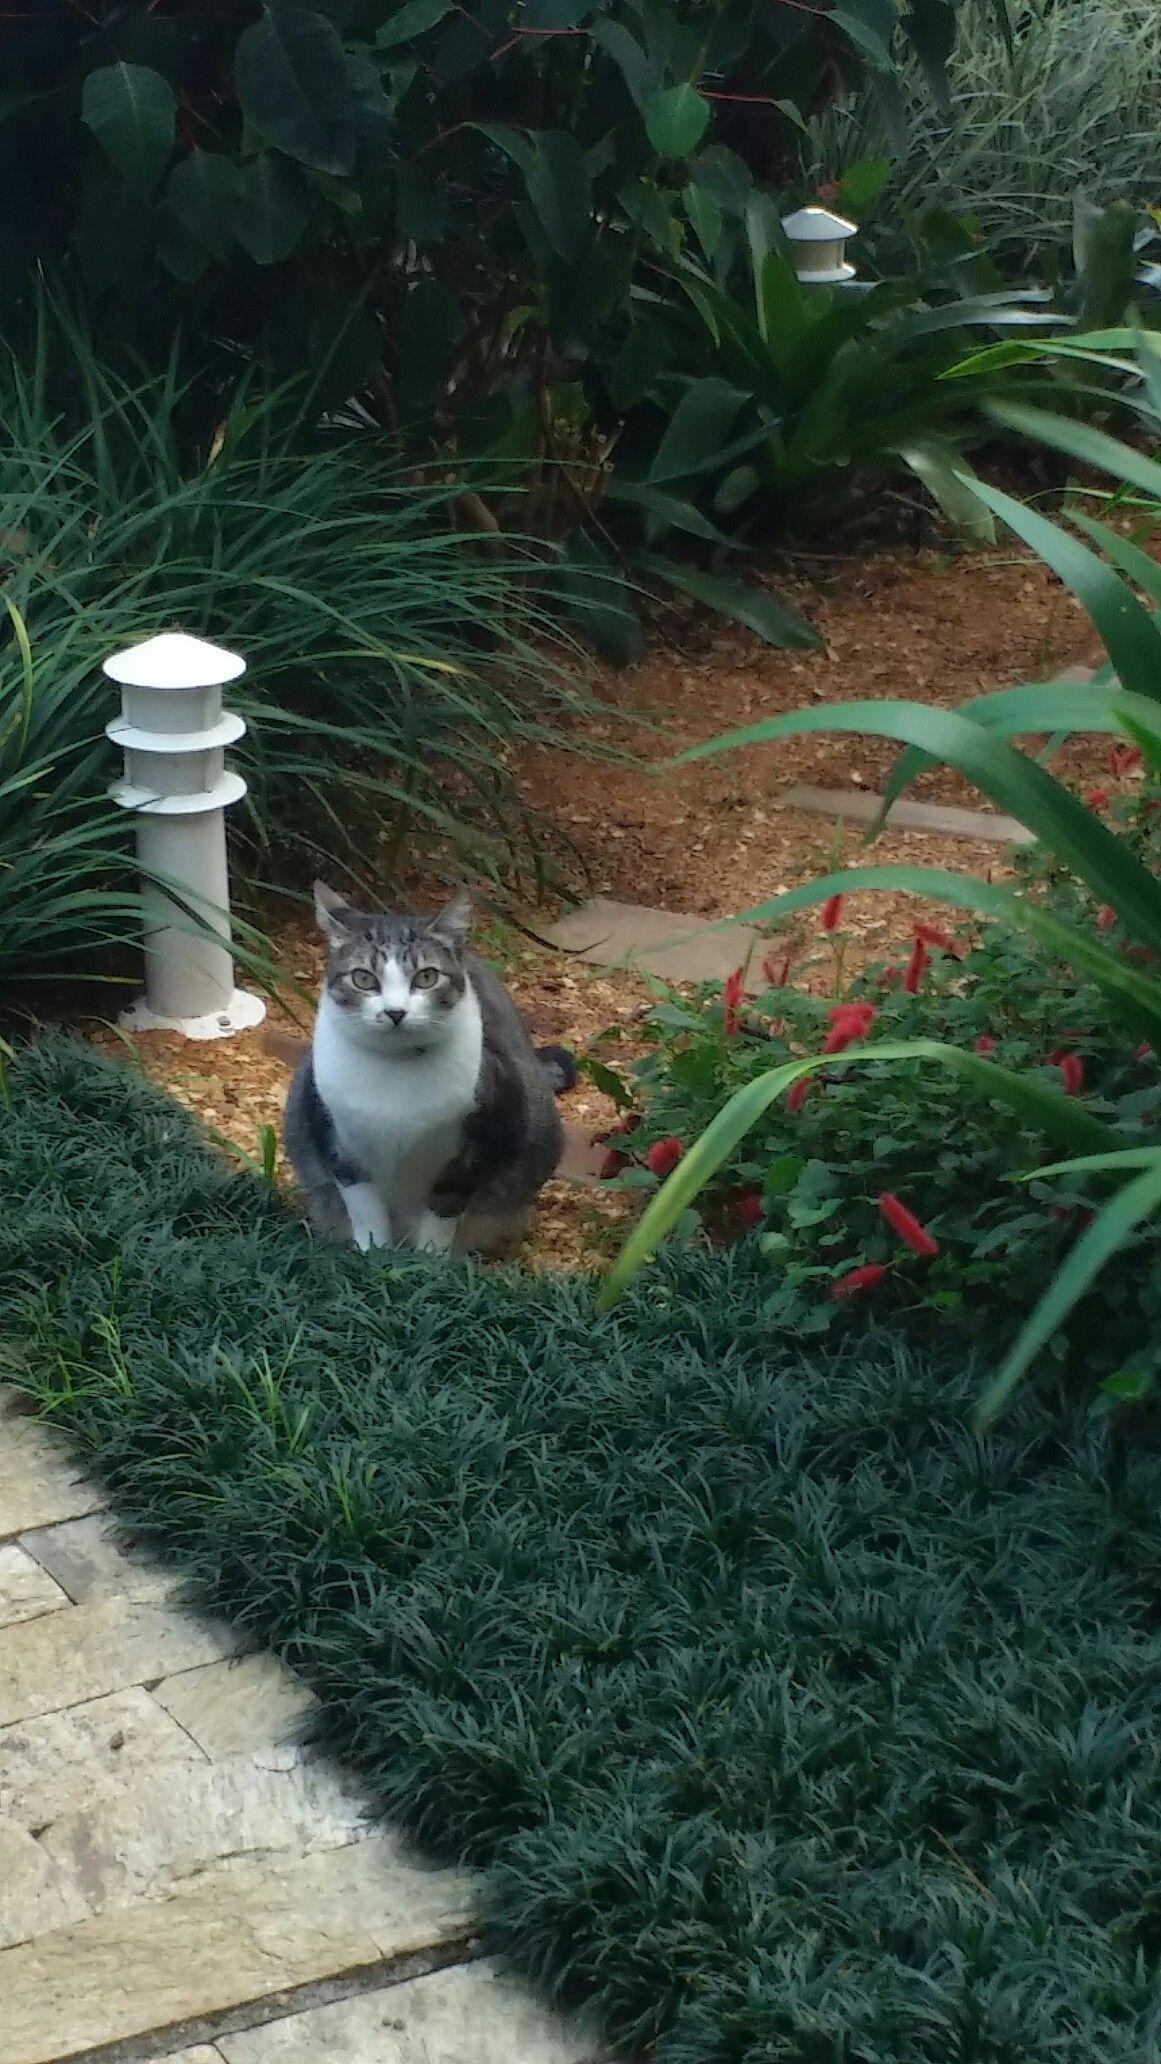 Uma gatinha veio visitar o meu jardim, adorei a surpresa!